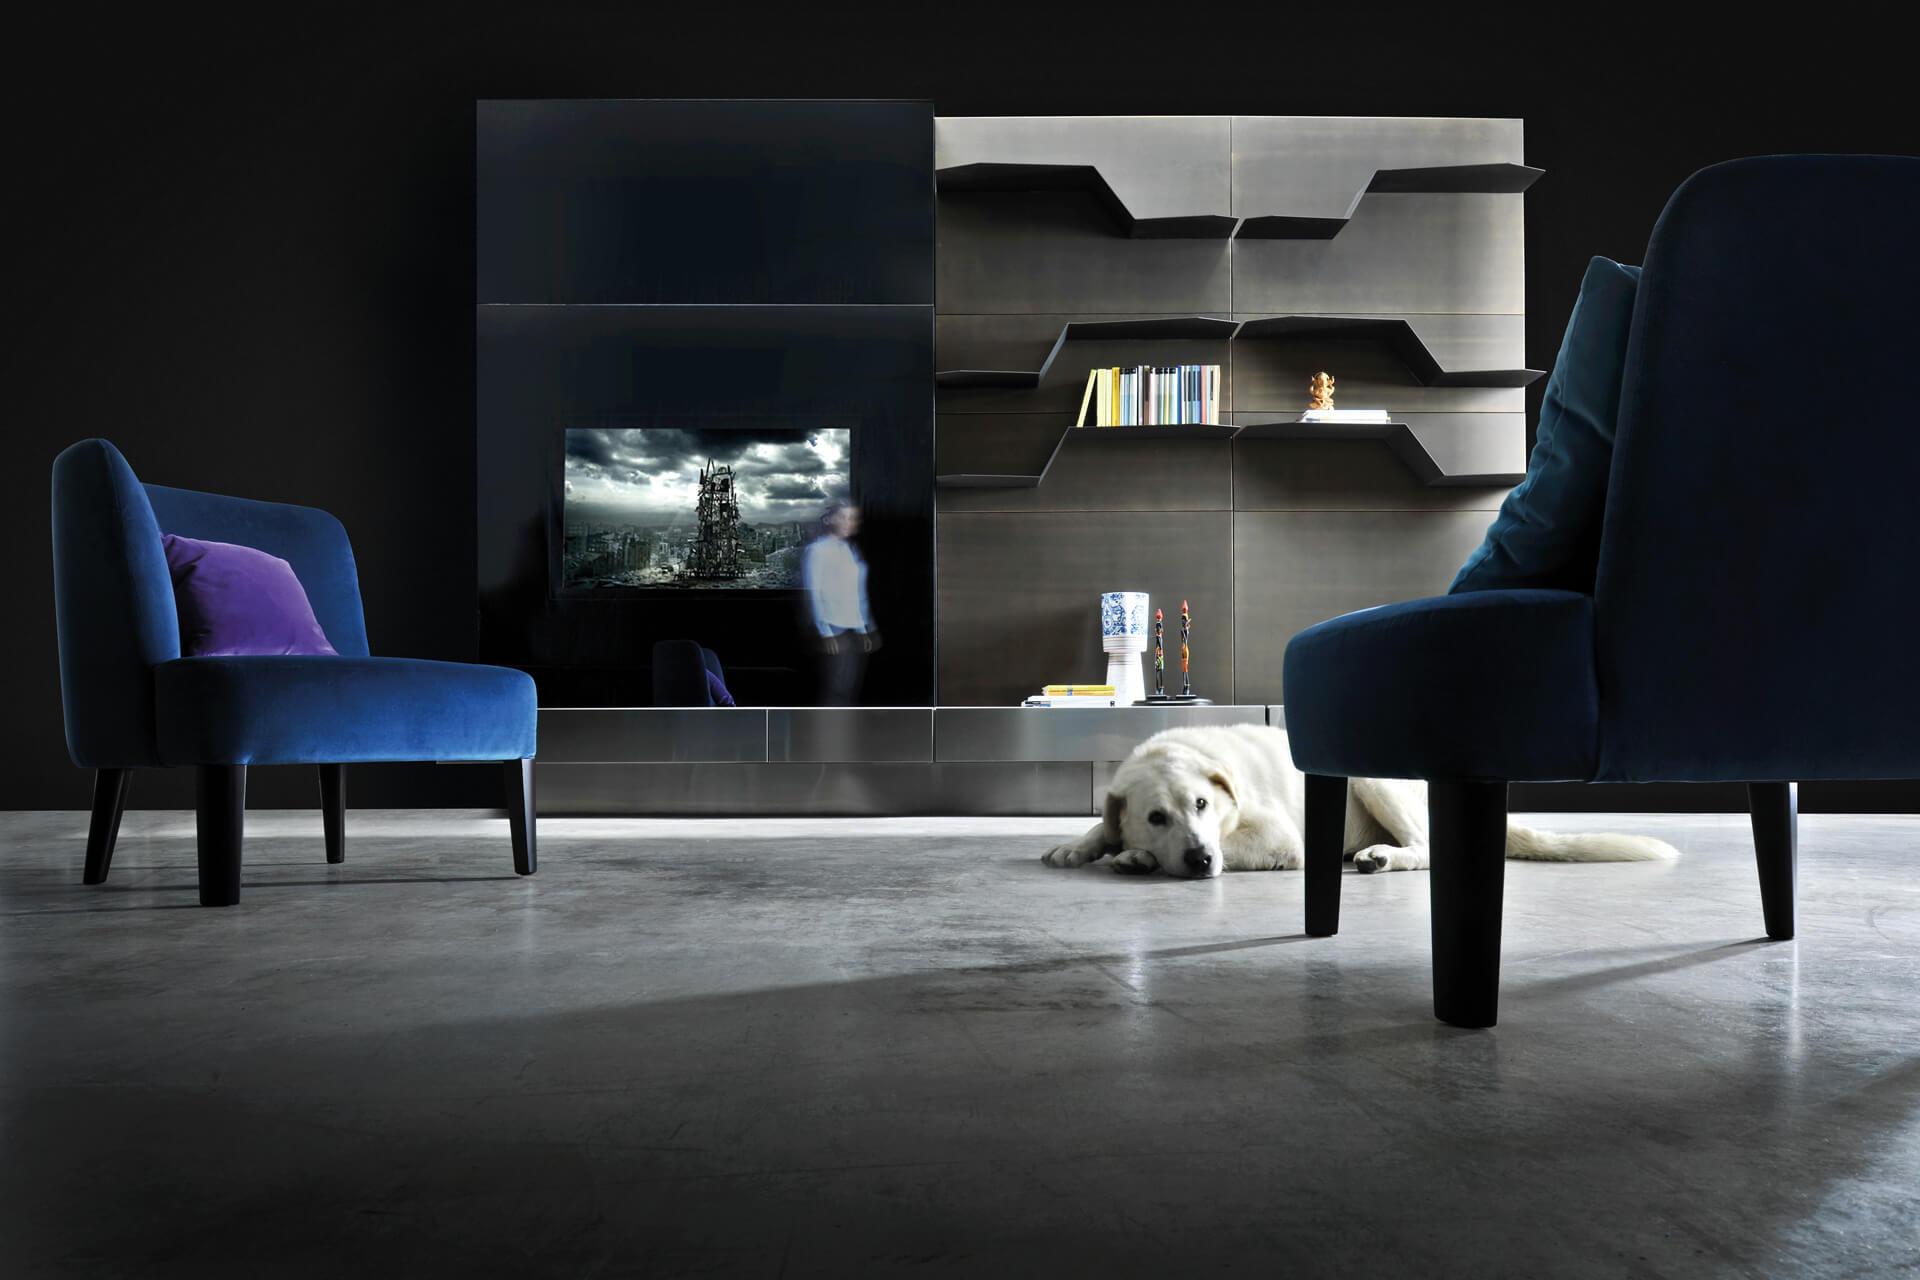 Specchio porta tv di design moderno modello 39 mr hyde - Specchio con tv ...